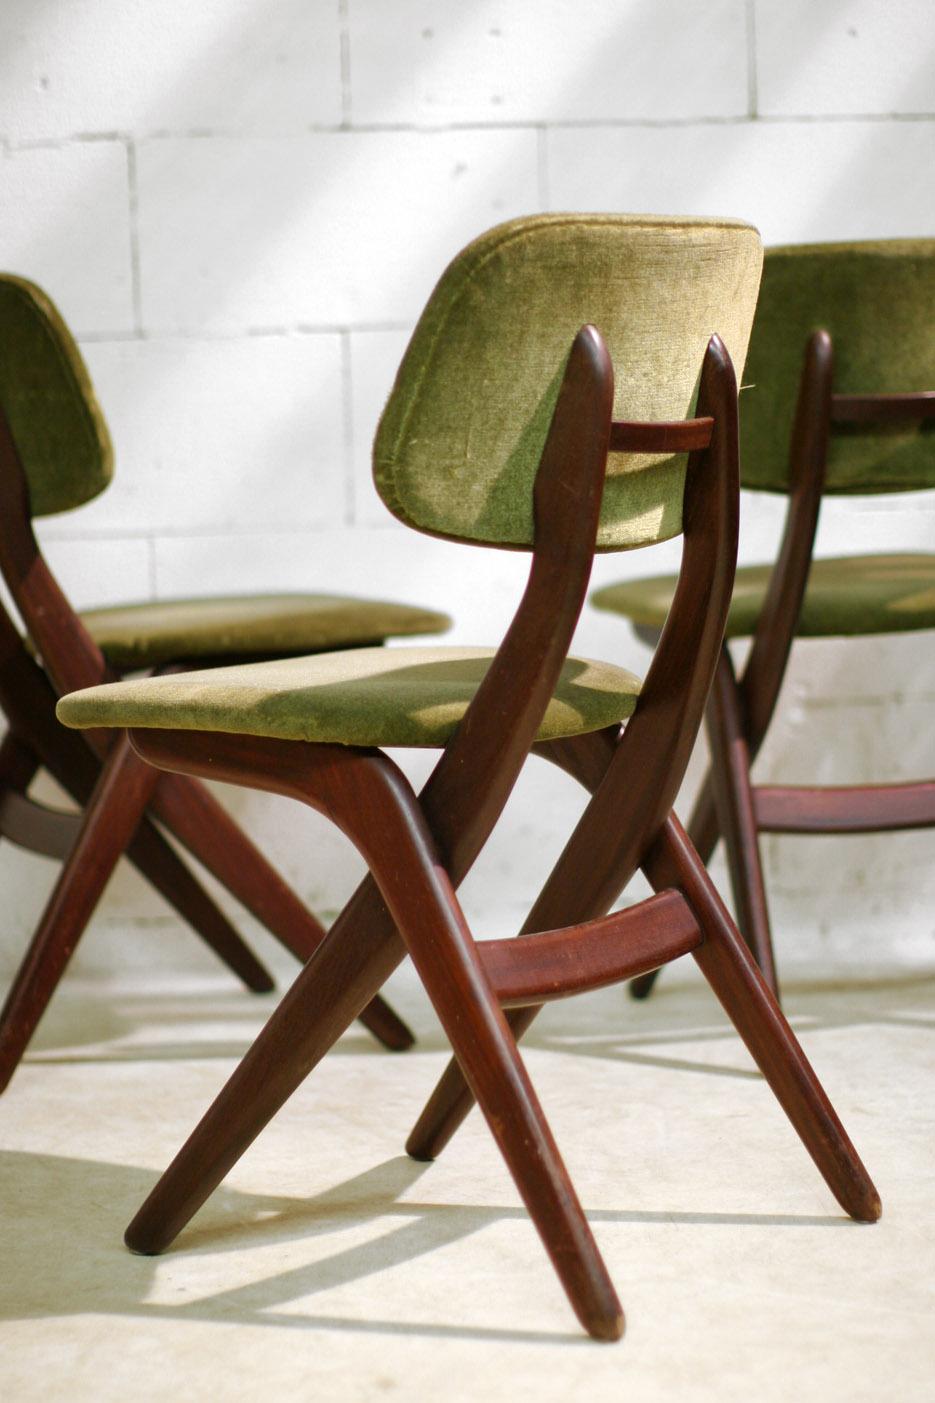 Retro Vintage Louis van Teeffelen stoelen Webe jaren 60  u2013 Dehuiszwaluw